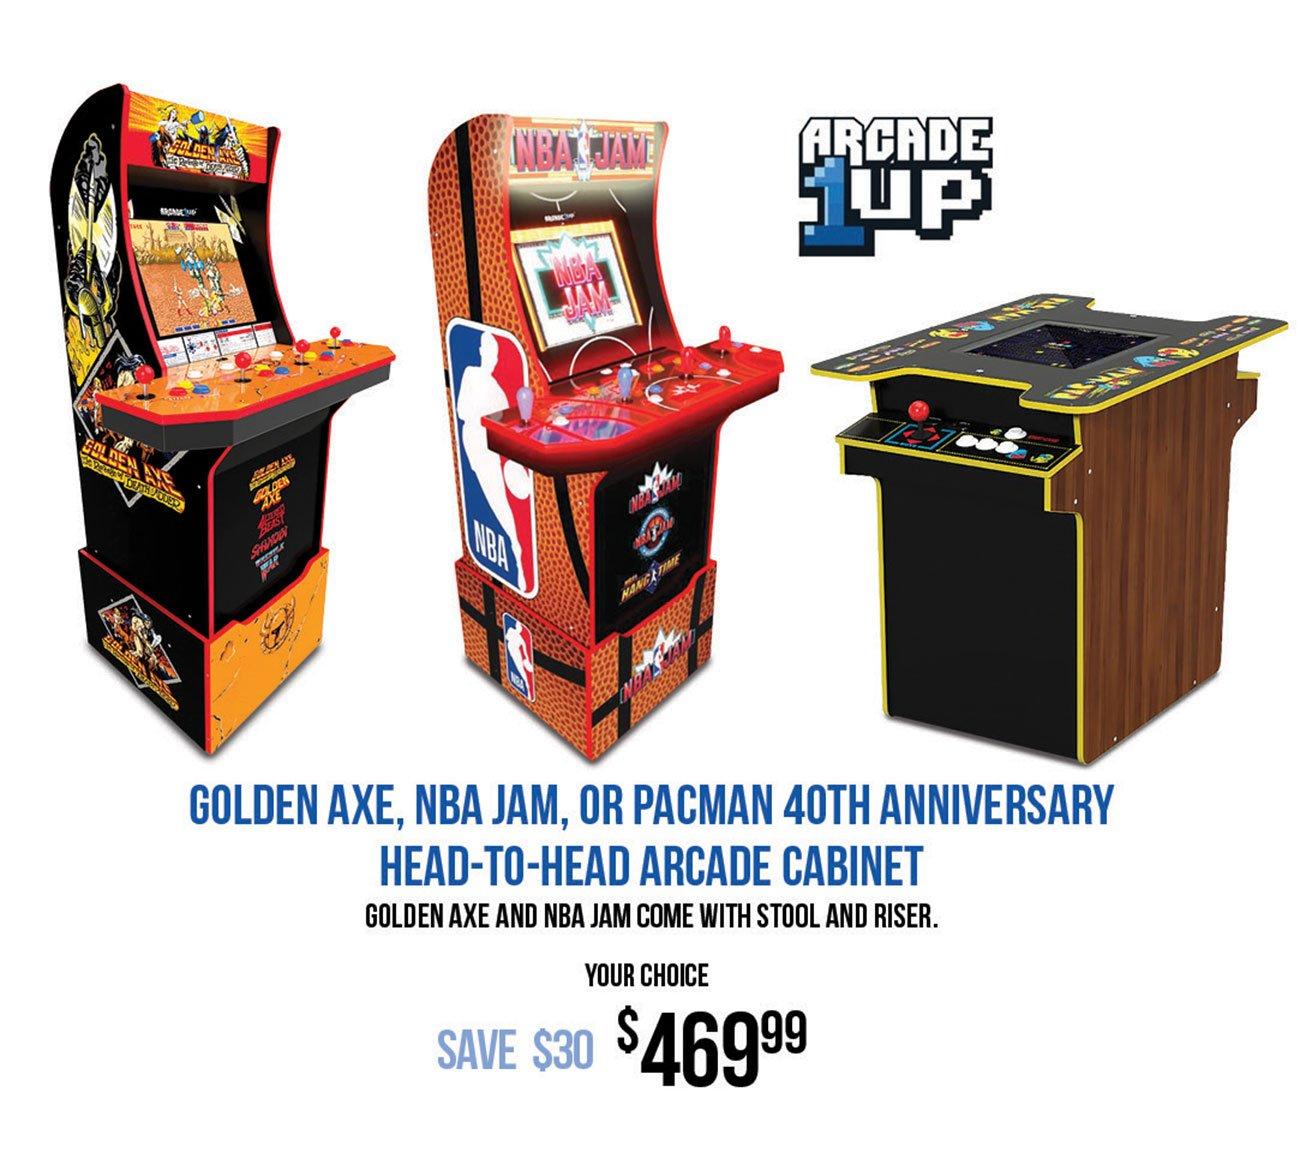 Arcade-1Up-Arcade-Games